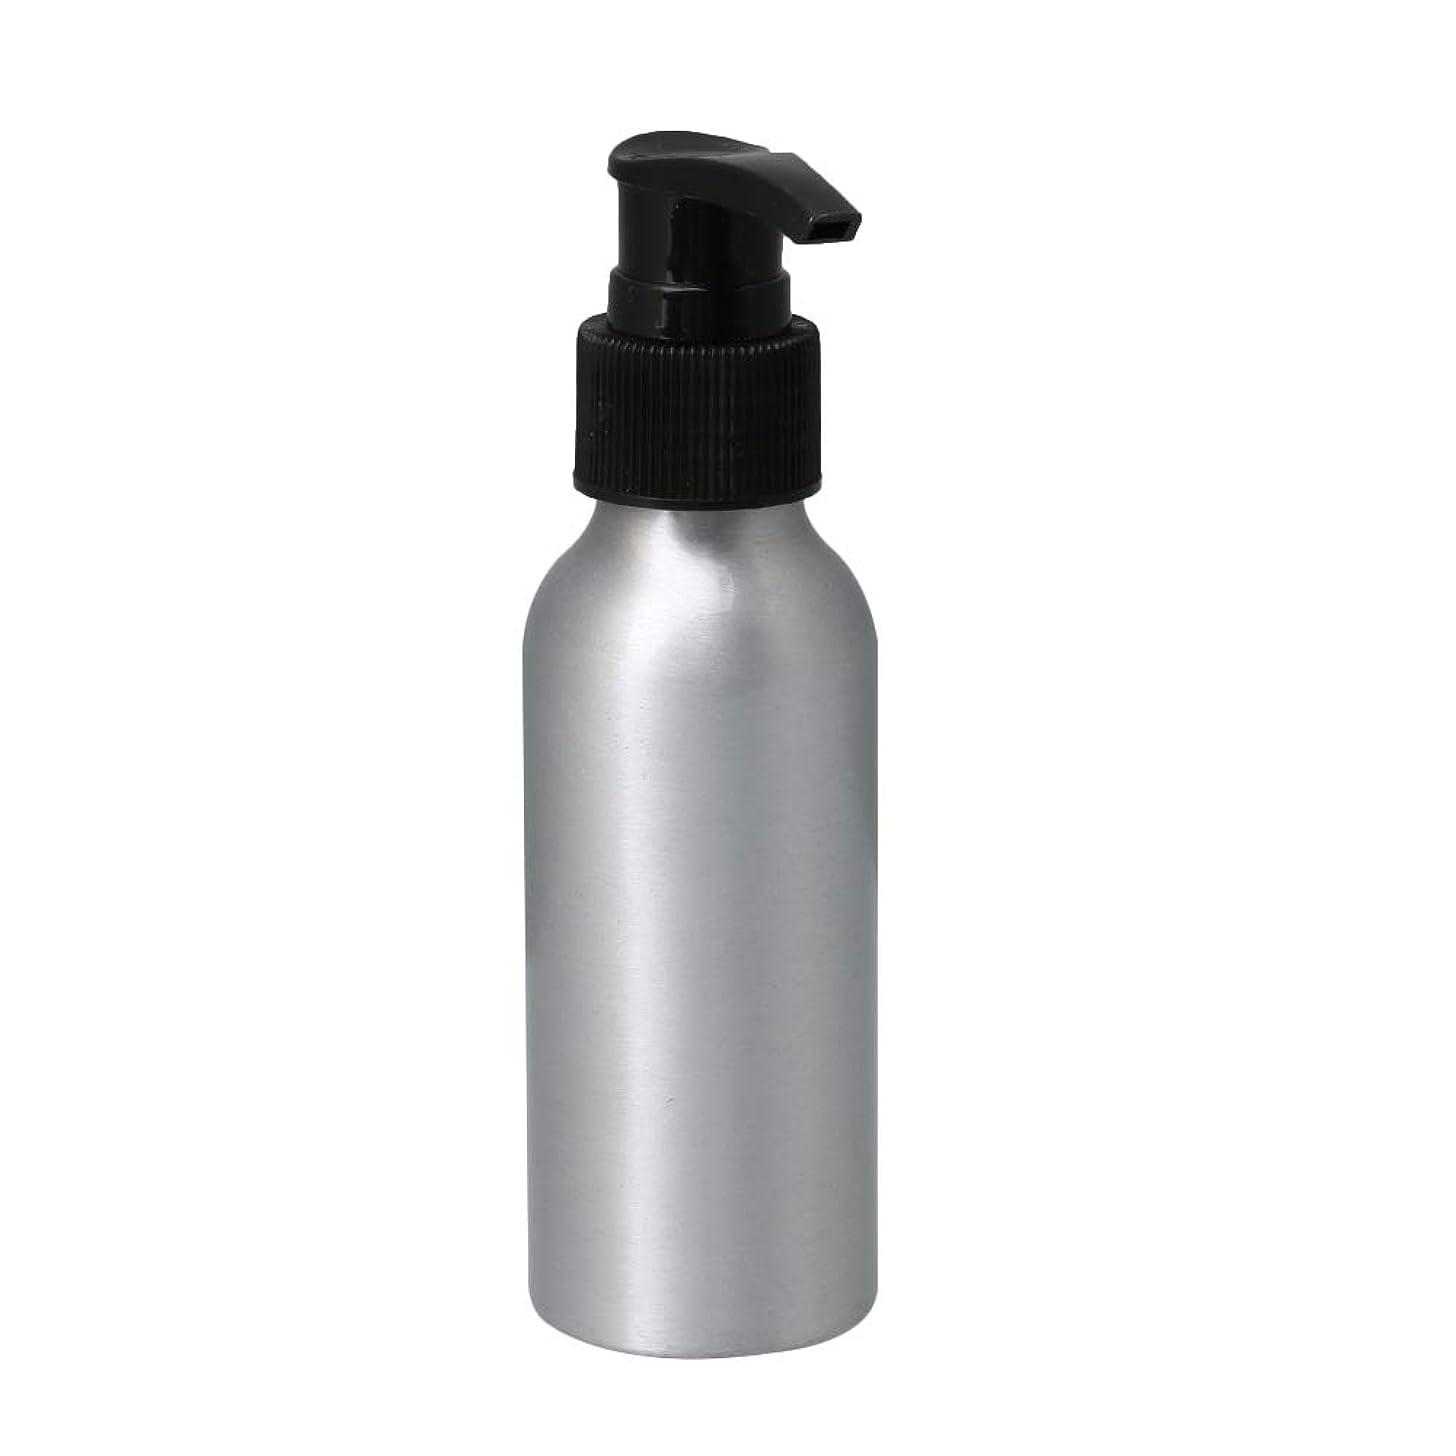 ピーク解体するケープポンプボトル 100ml コスメ用詰替え容器 詰め替え用ボトル アルミボトル 繰り返し使用 噴霧器 アルミボトル 黒ポンプヘッド